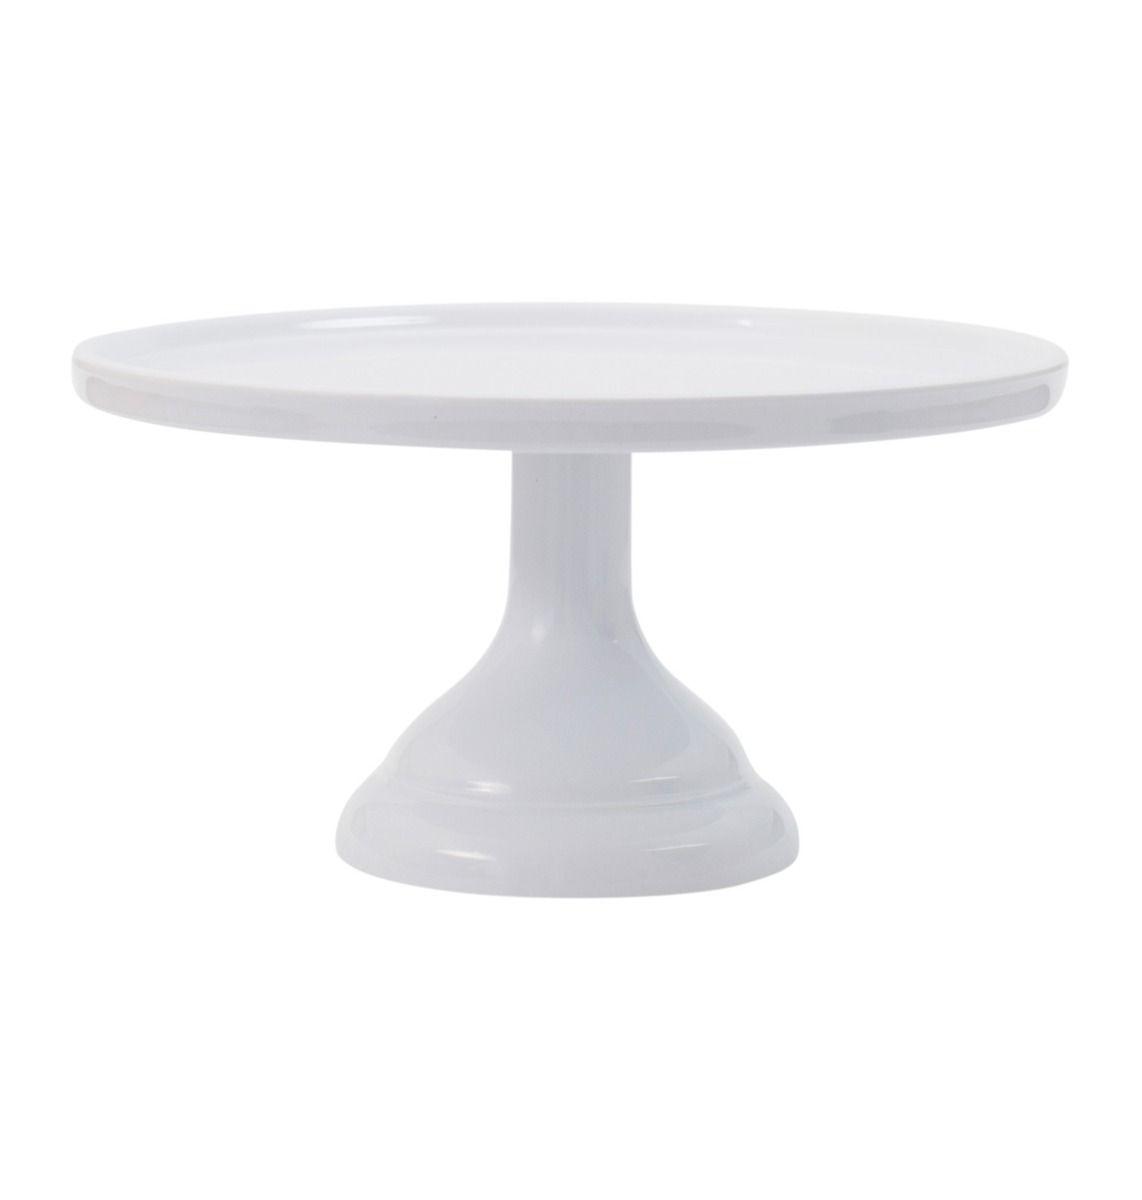 Imagen de producto: https://tienda.postreadiccion.com/img/articulos/secundarias12958-stand-blanco-de-melamina-23-cm-1.jpg